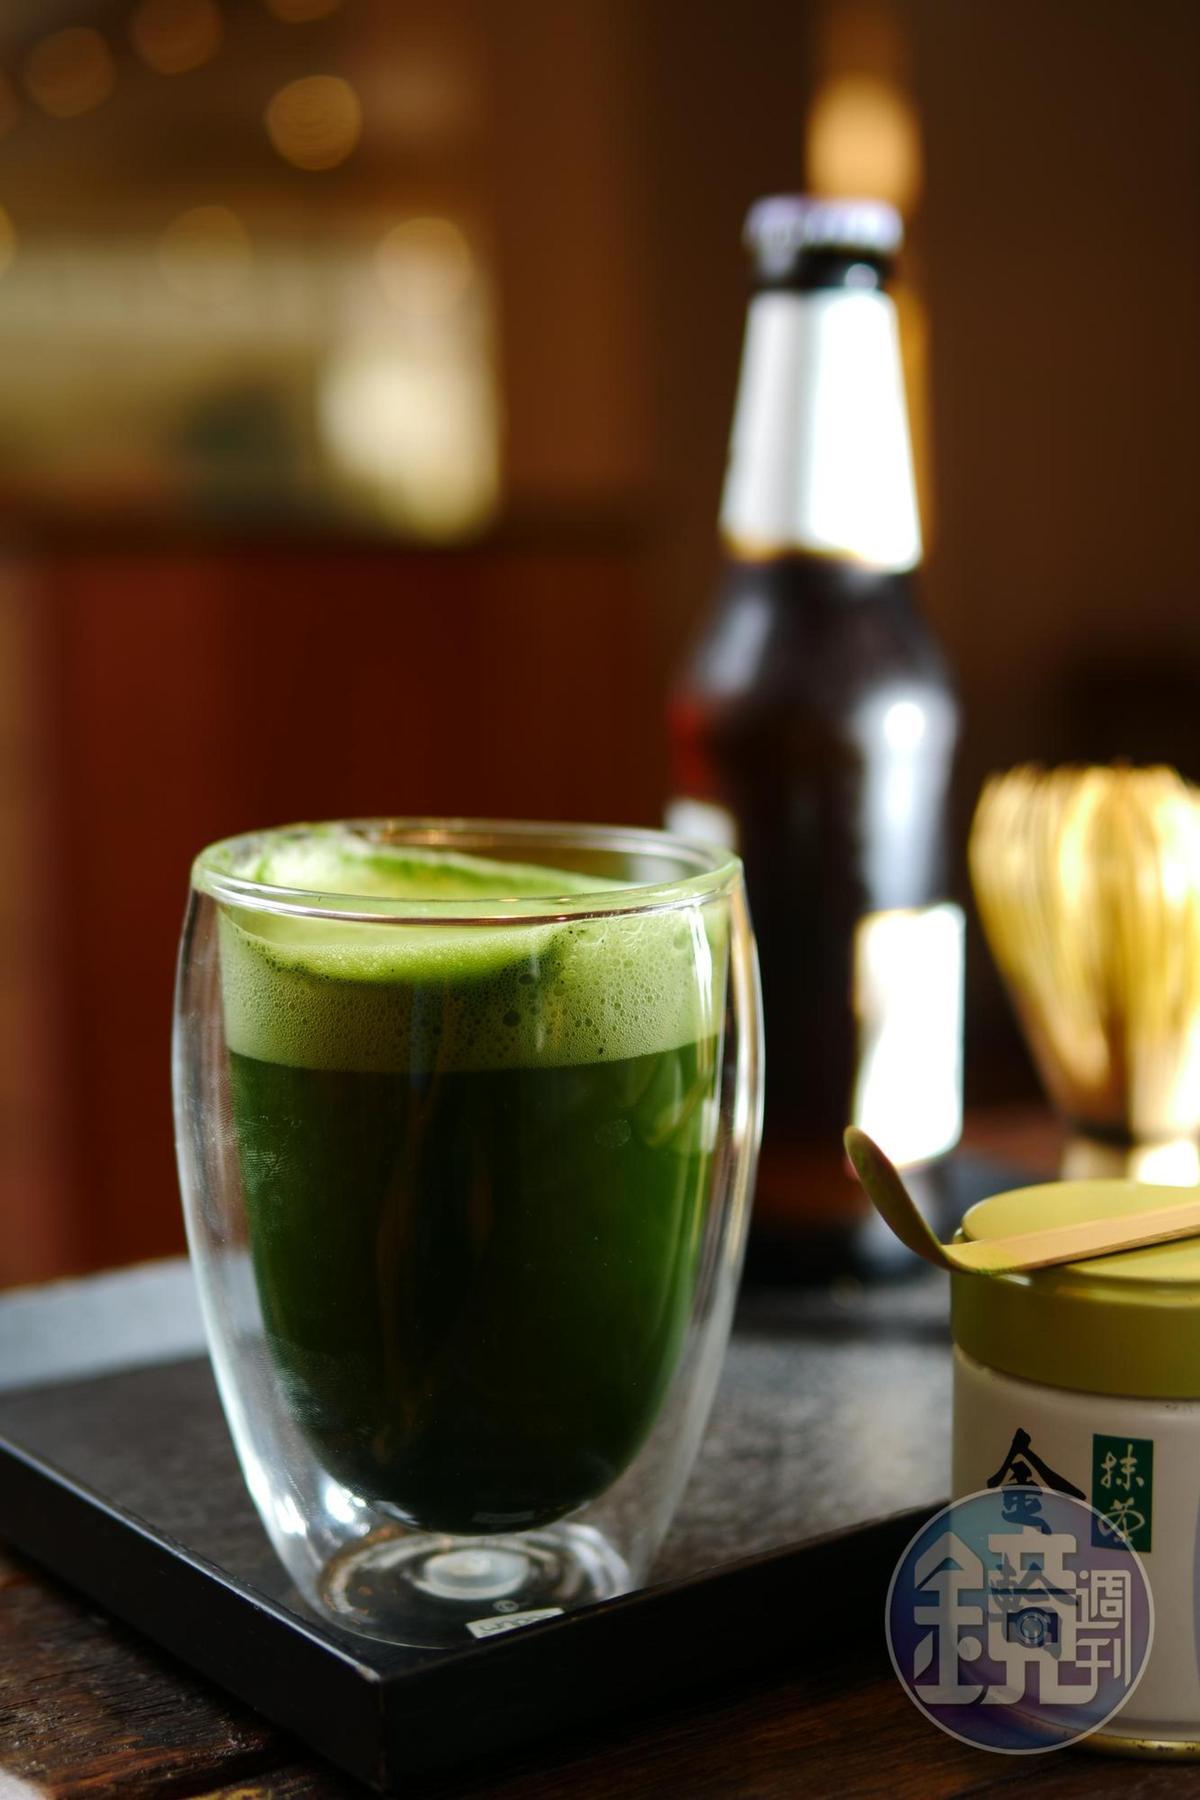 「抹茶啤酒」使用「丸久小山園」金輪抹茶粉,搭配Lager啤酒,喝上一口,暑氣全消。(220元/杯,忠孝店限定)